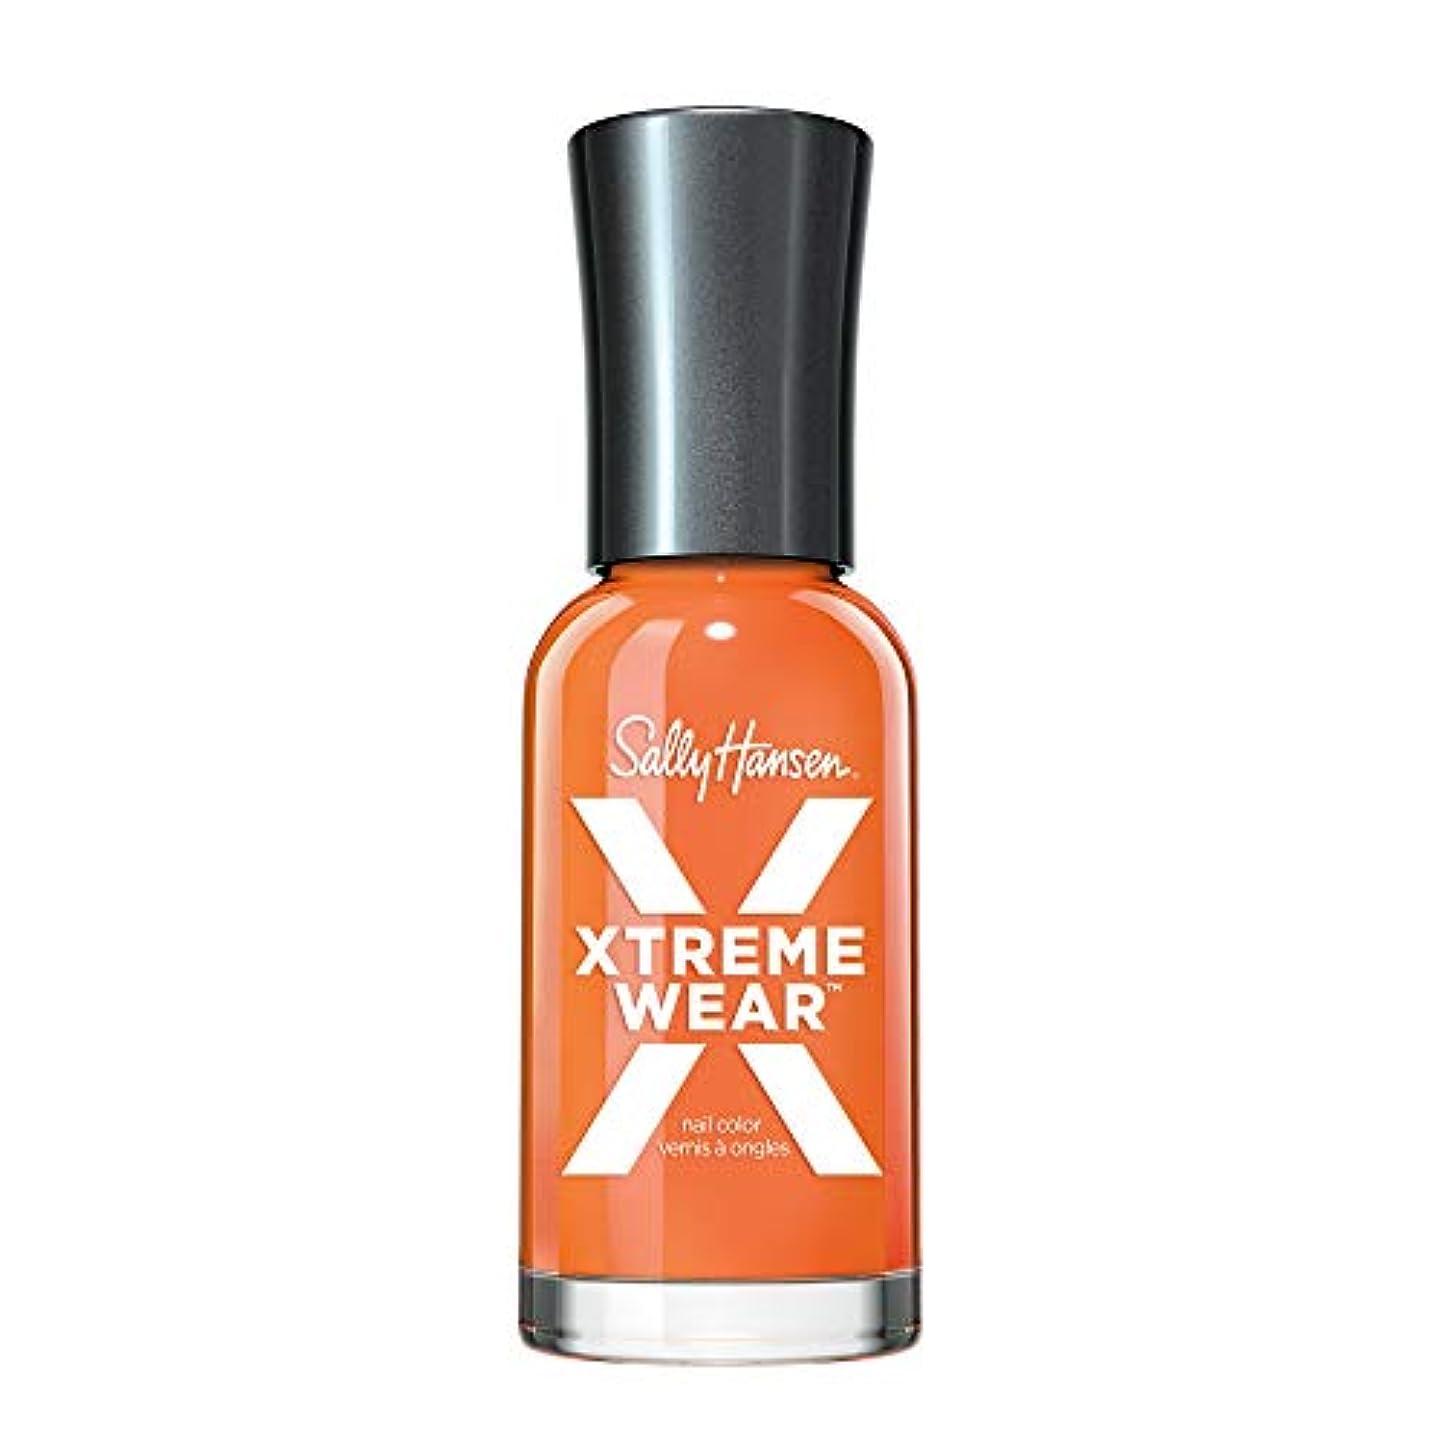 に薄いですバスタブSALLY HANSEN Hard As Nails Xtreme Wear Sun Kissed (並行輸入品)